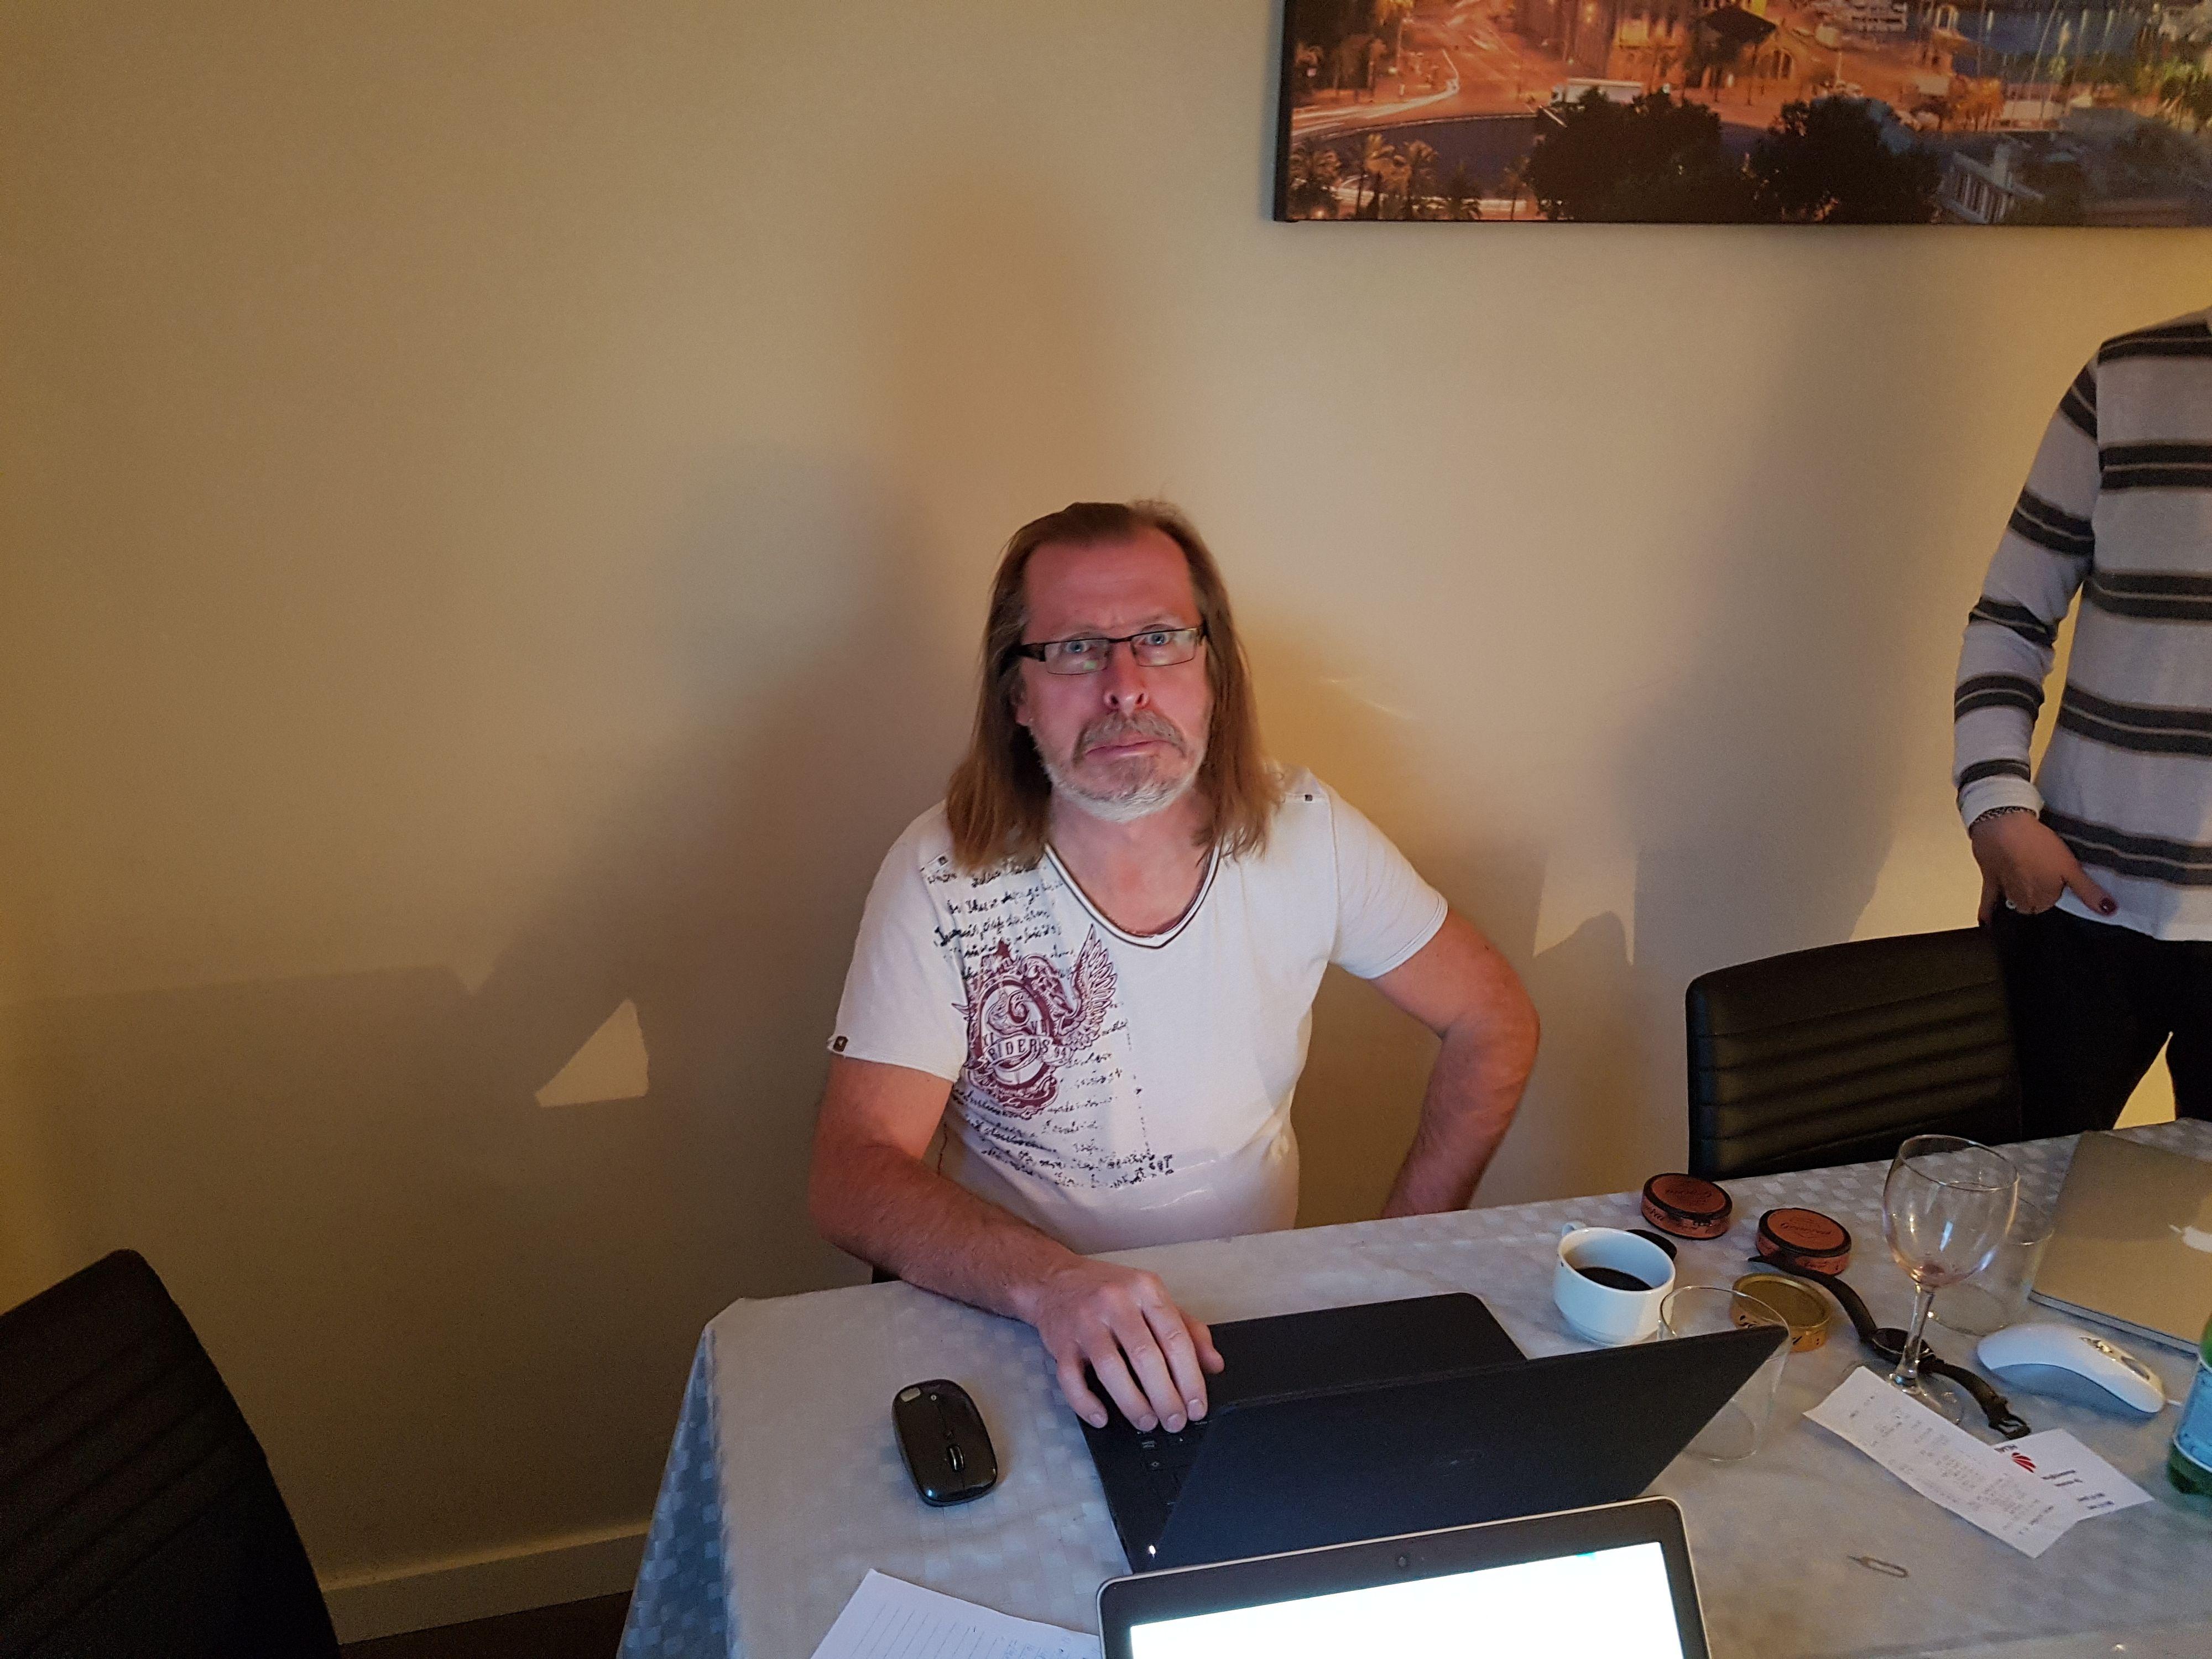 Kollega Håvard Fossen fanget i elendig lys og midt i en grimase. Morskheten gjengis upåklagelig av Galaxy S7.